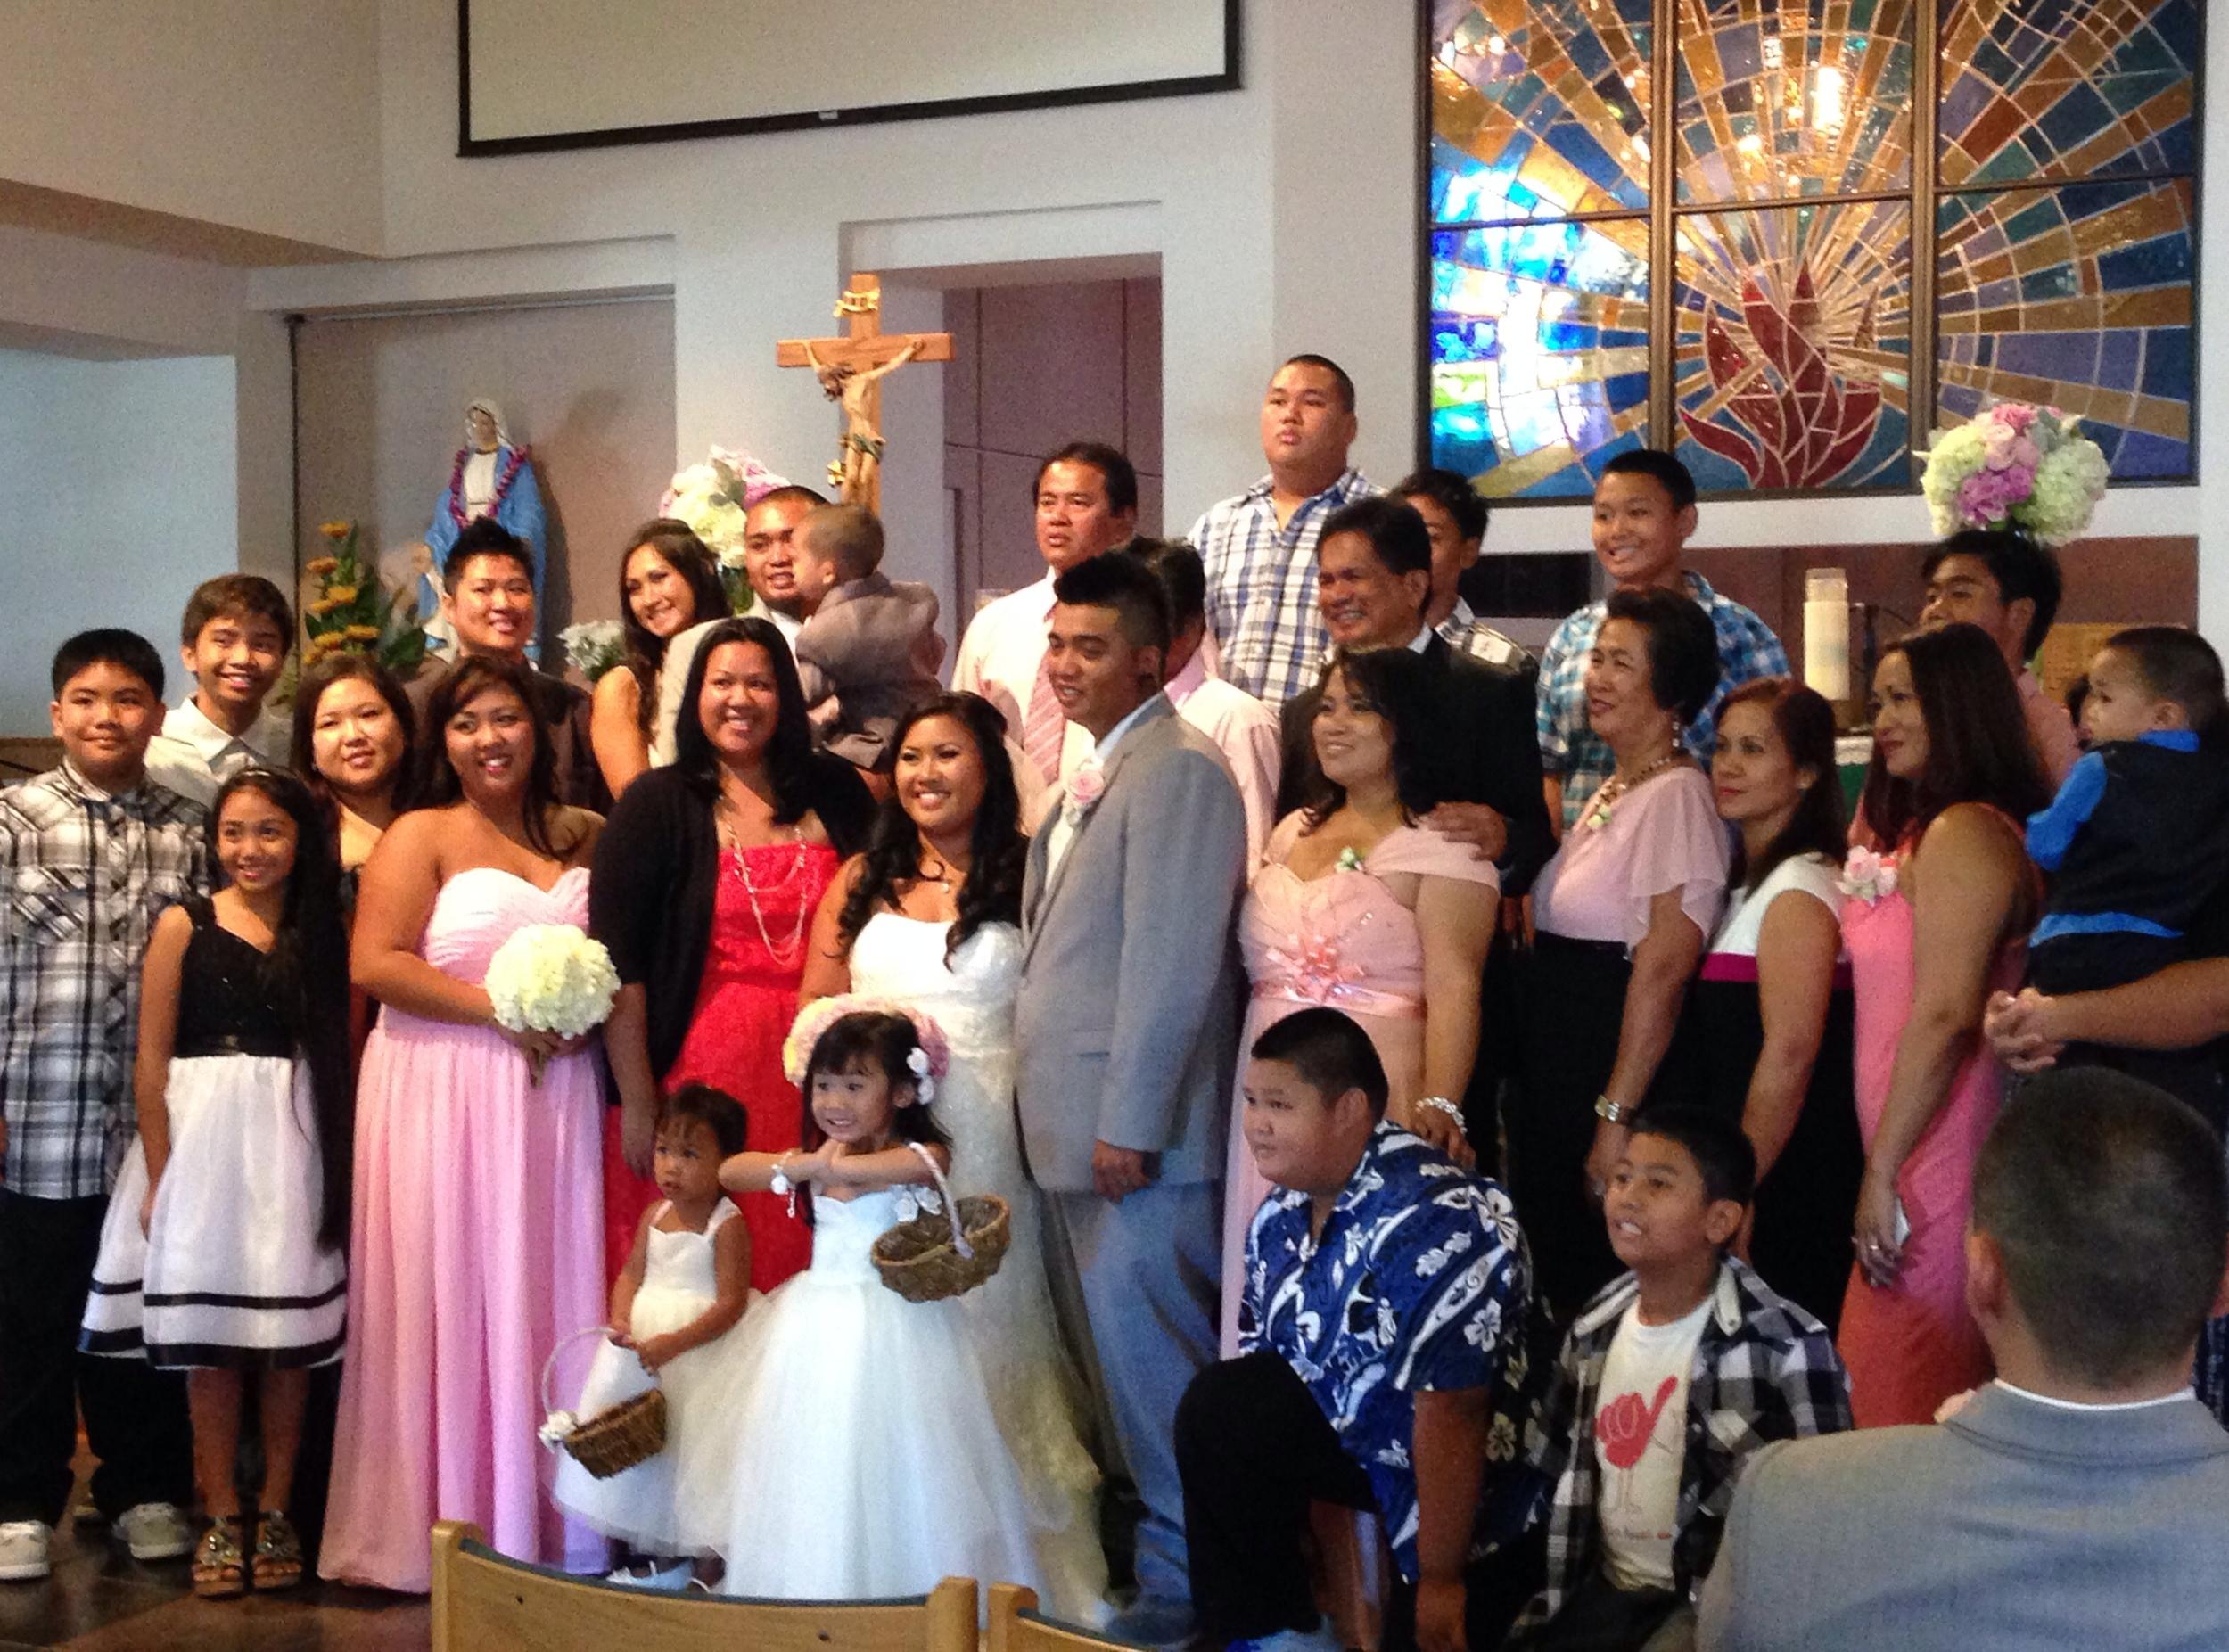 15-church-oahu-wedding-party.JPG